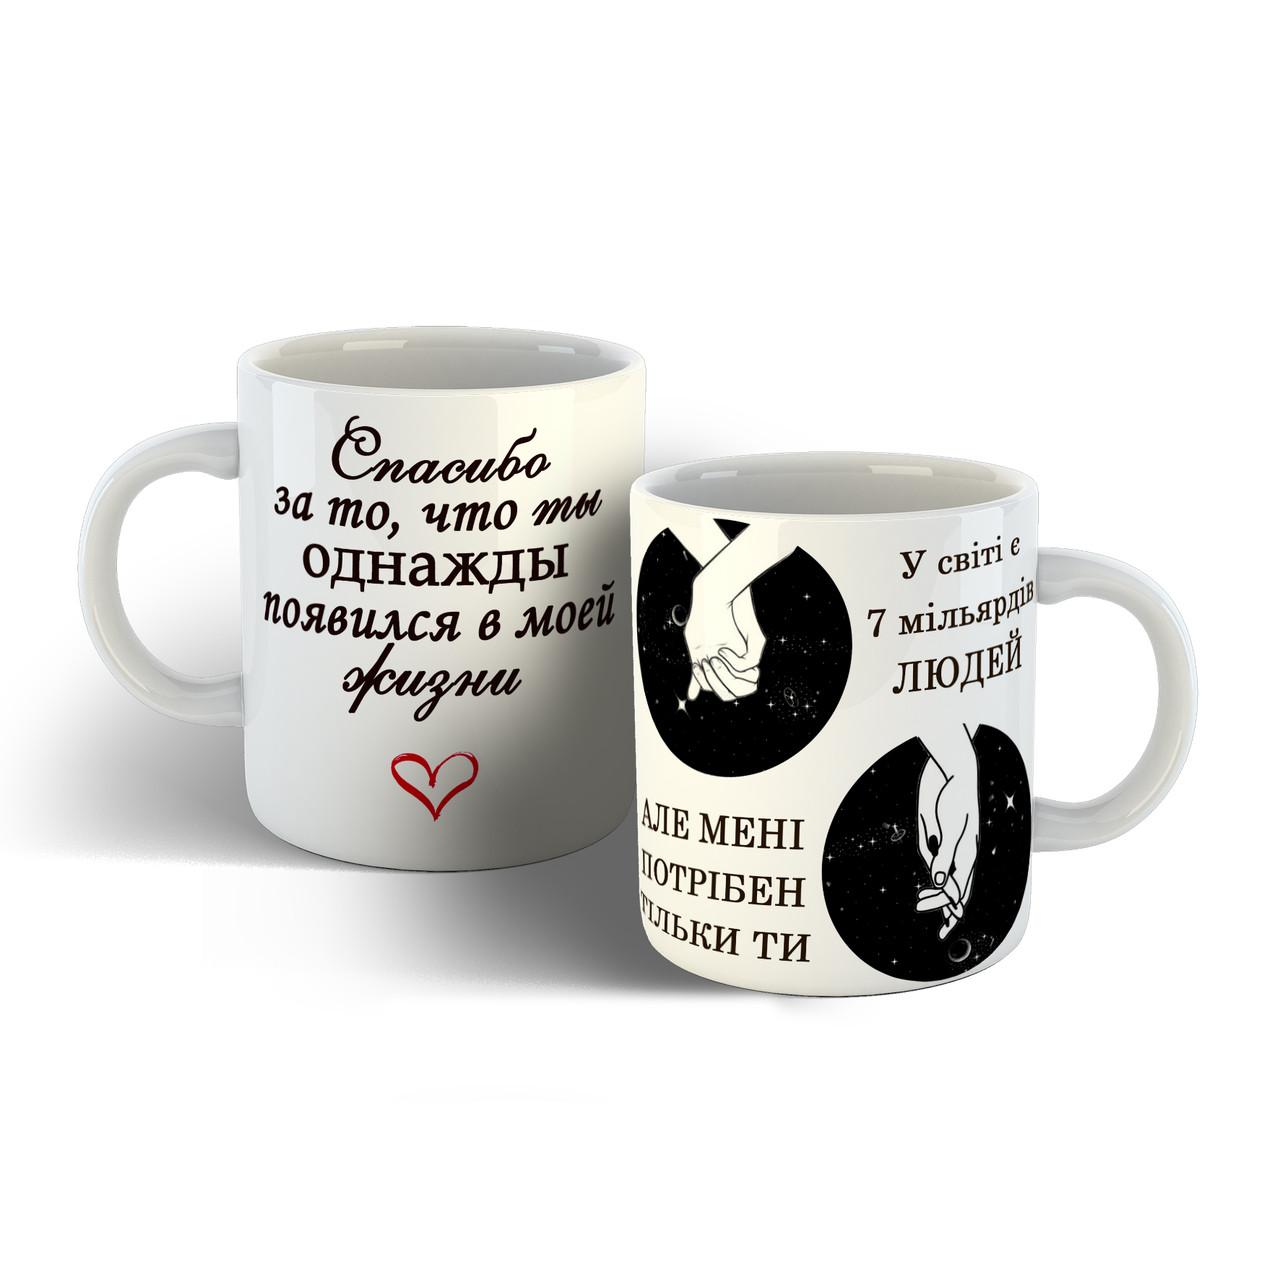 Чашка для коханого Мені потрібен тільки ти.